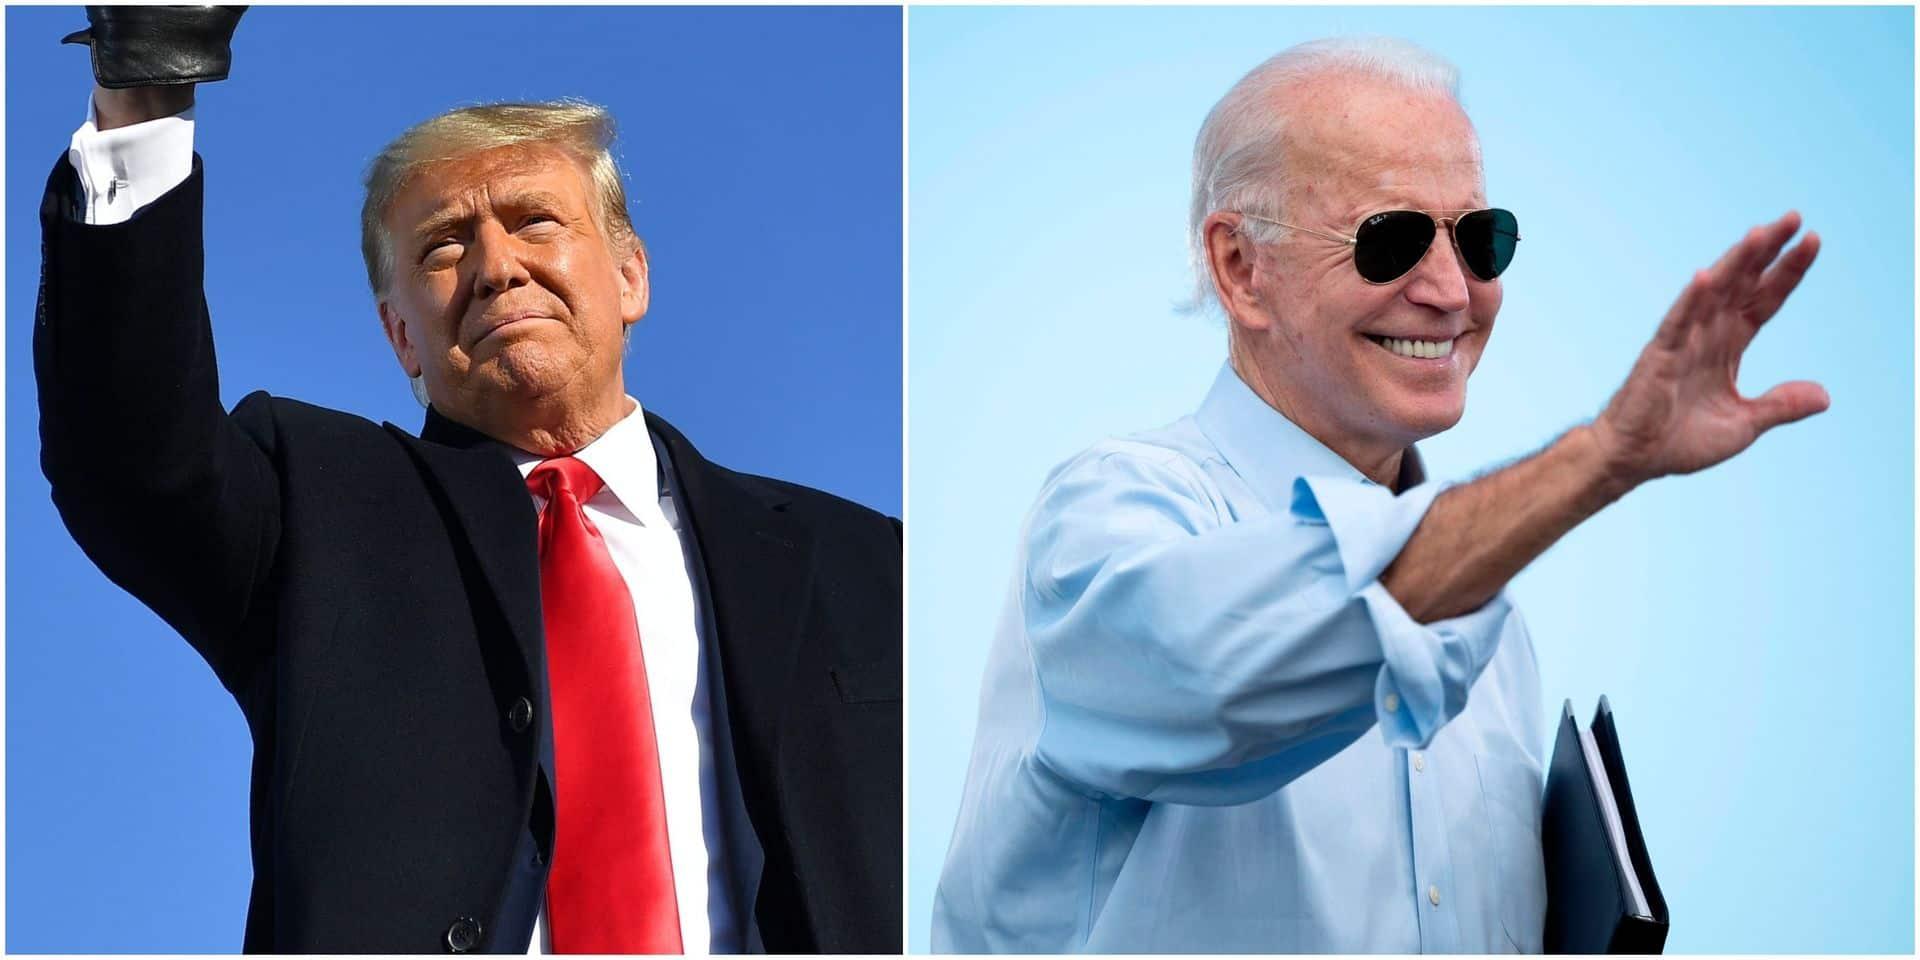 À trois jours de la présidentielle, la pression monte: Trump et Biden ne veulent rien lâcher